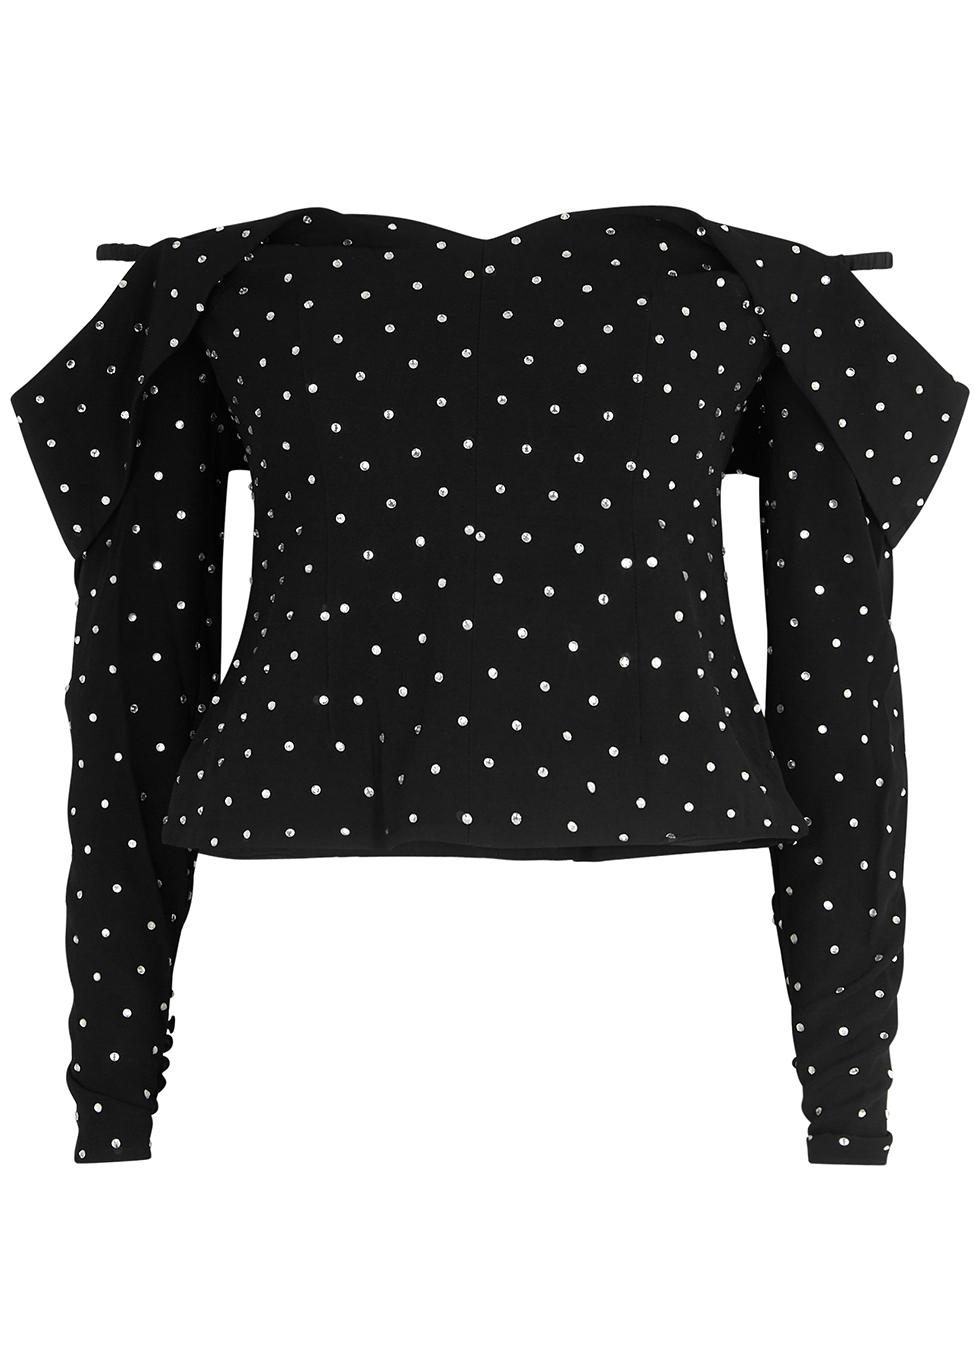 Black embellished off-the-shoulder top